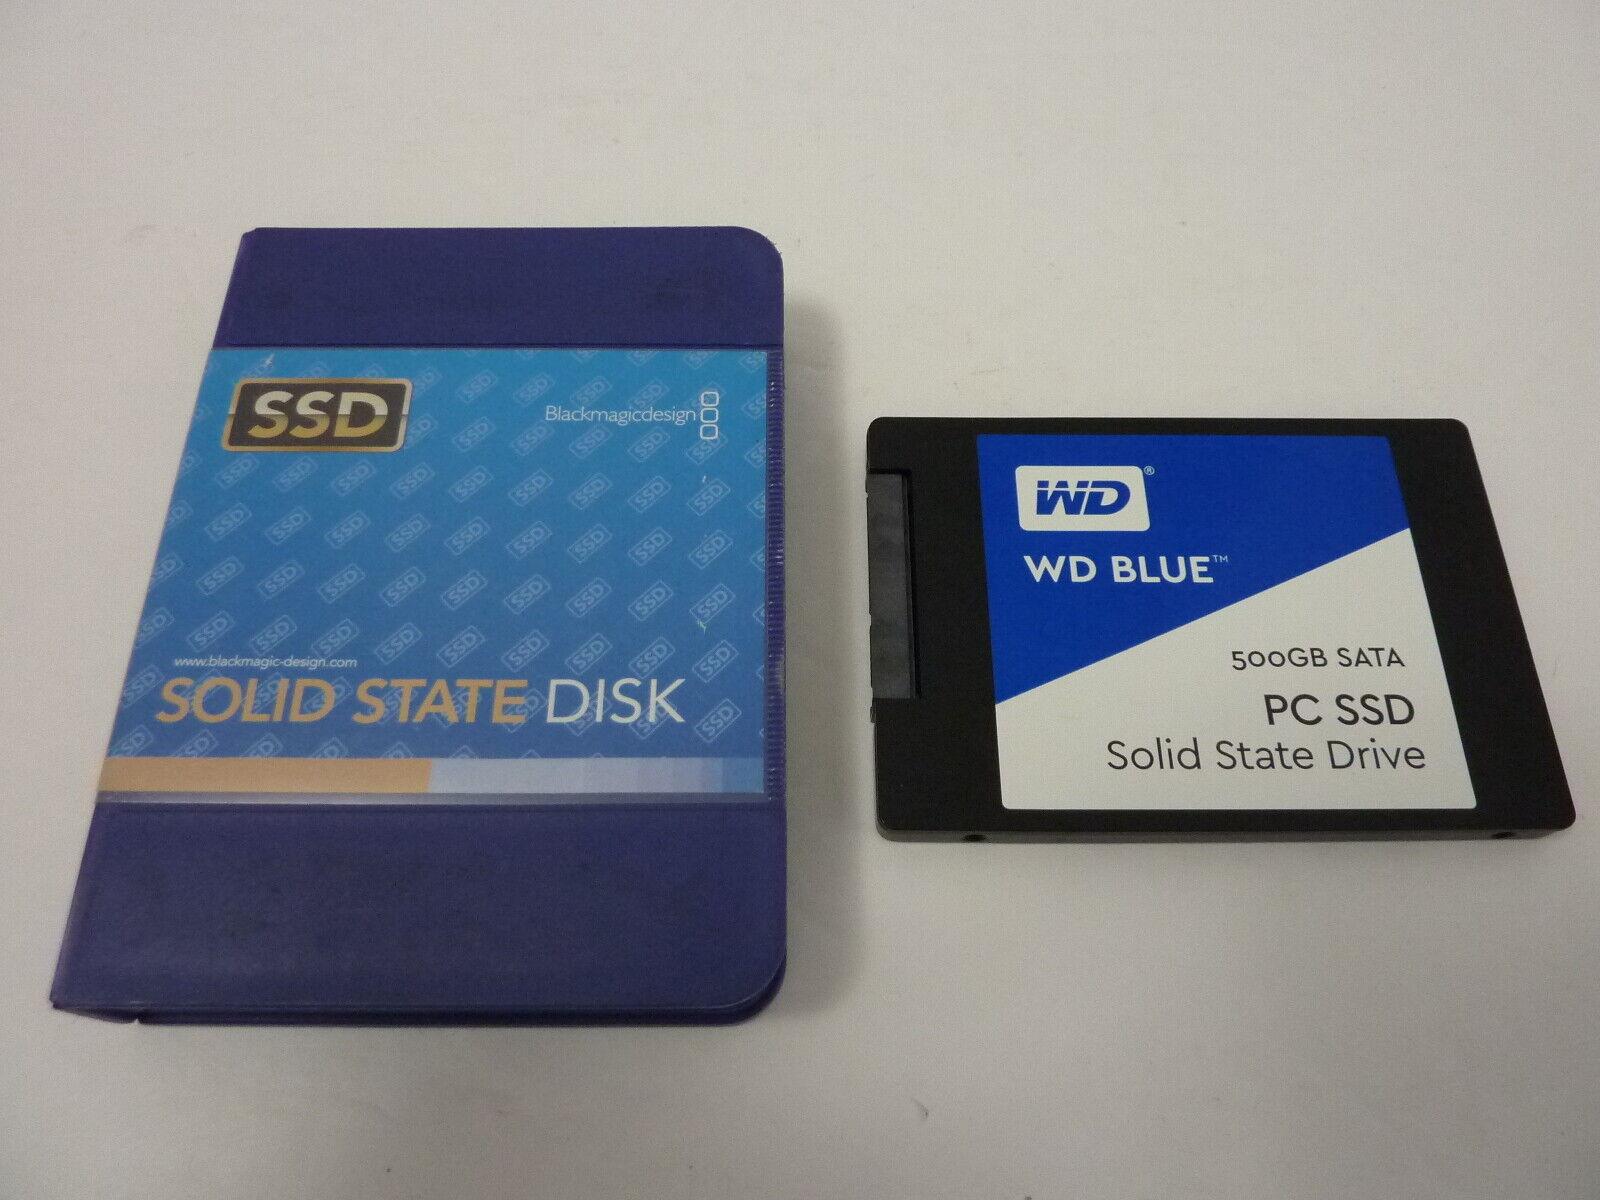 Western Digital WD Blue 500GB SATA 2.5